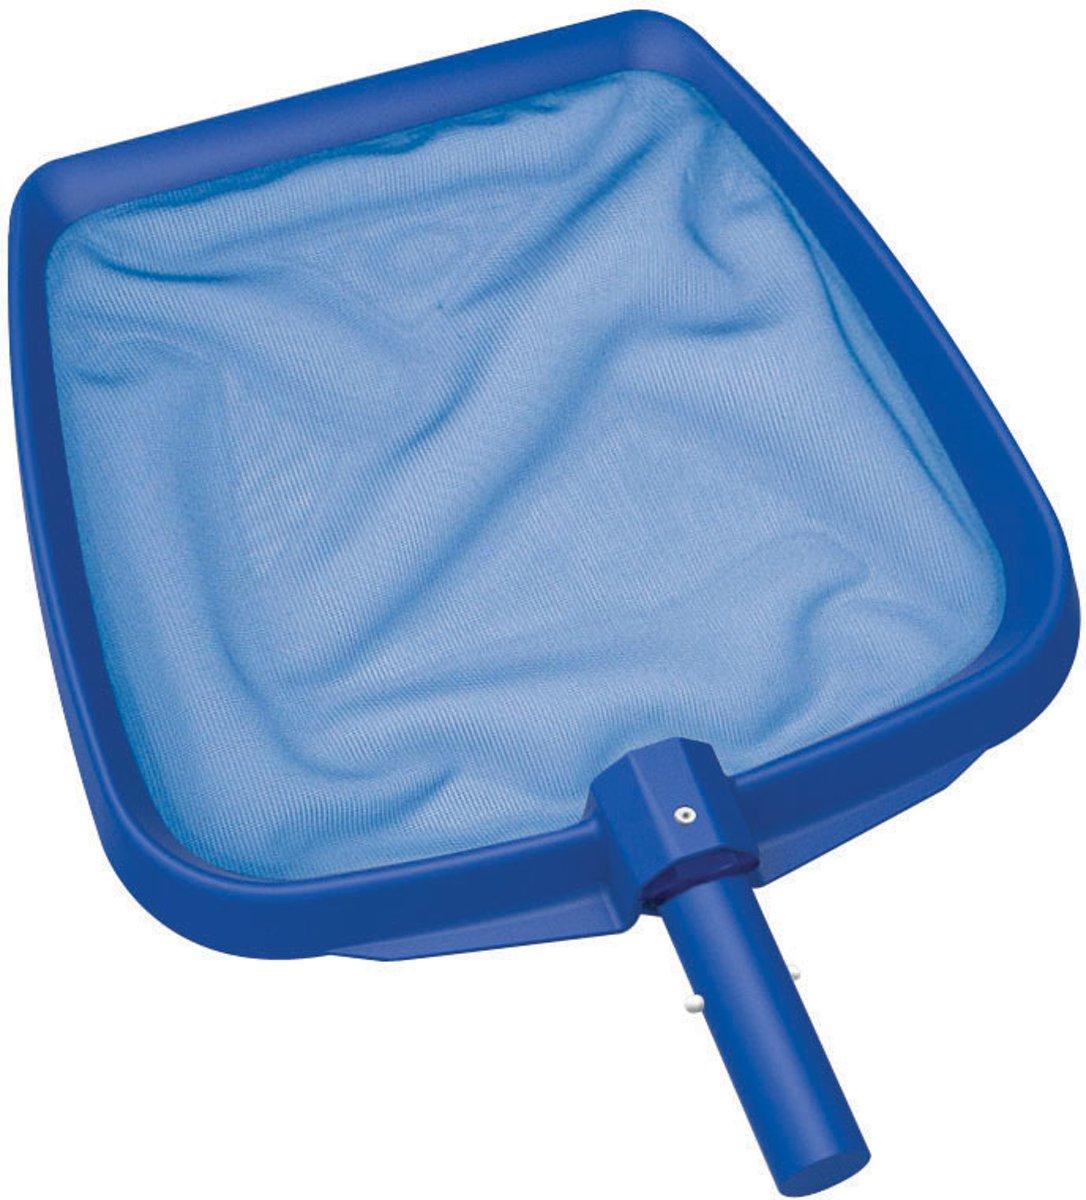 Kokido Stevic Plastic Oppervlakte Schepnet - Blauw